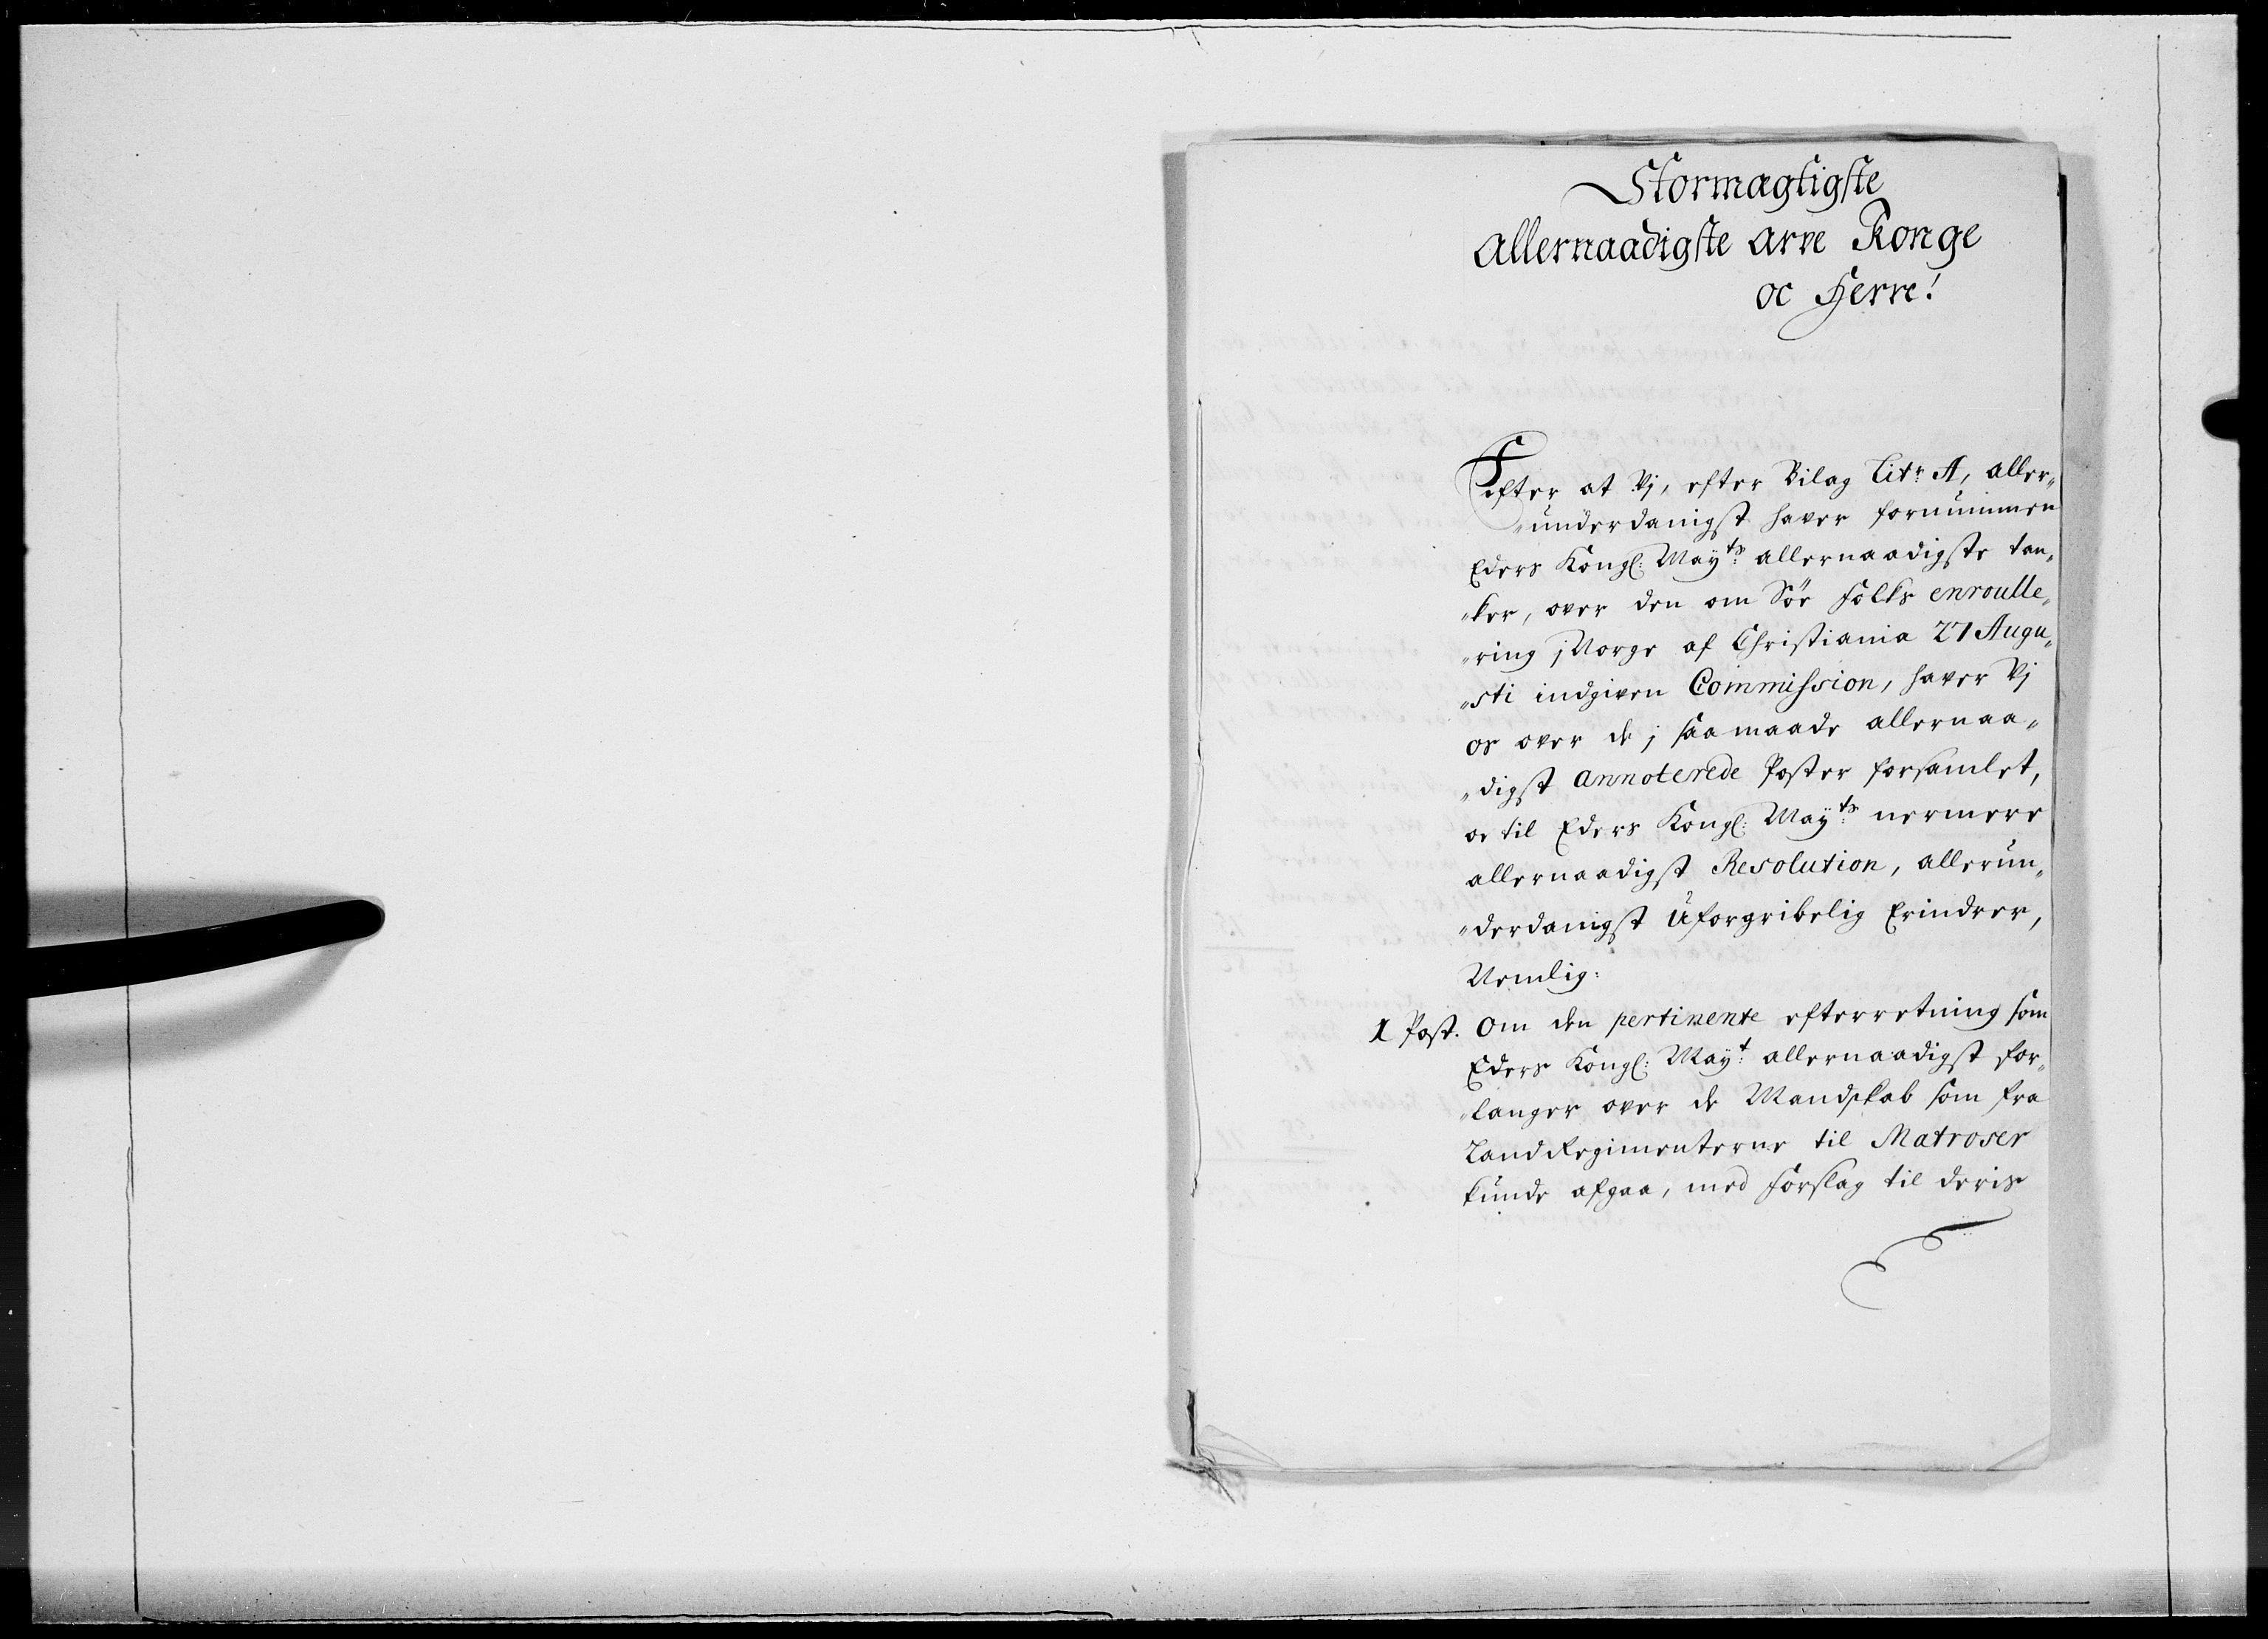 RA, Danske Kanselli 1572-1799, F/Fc/Fcc/Fcca/L0057: Norske innlegg 1572-1799, 1704, s. 397